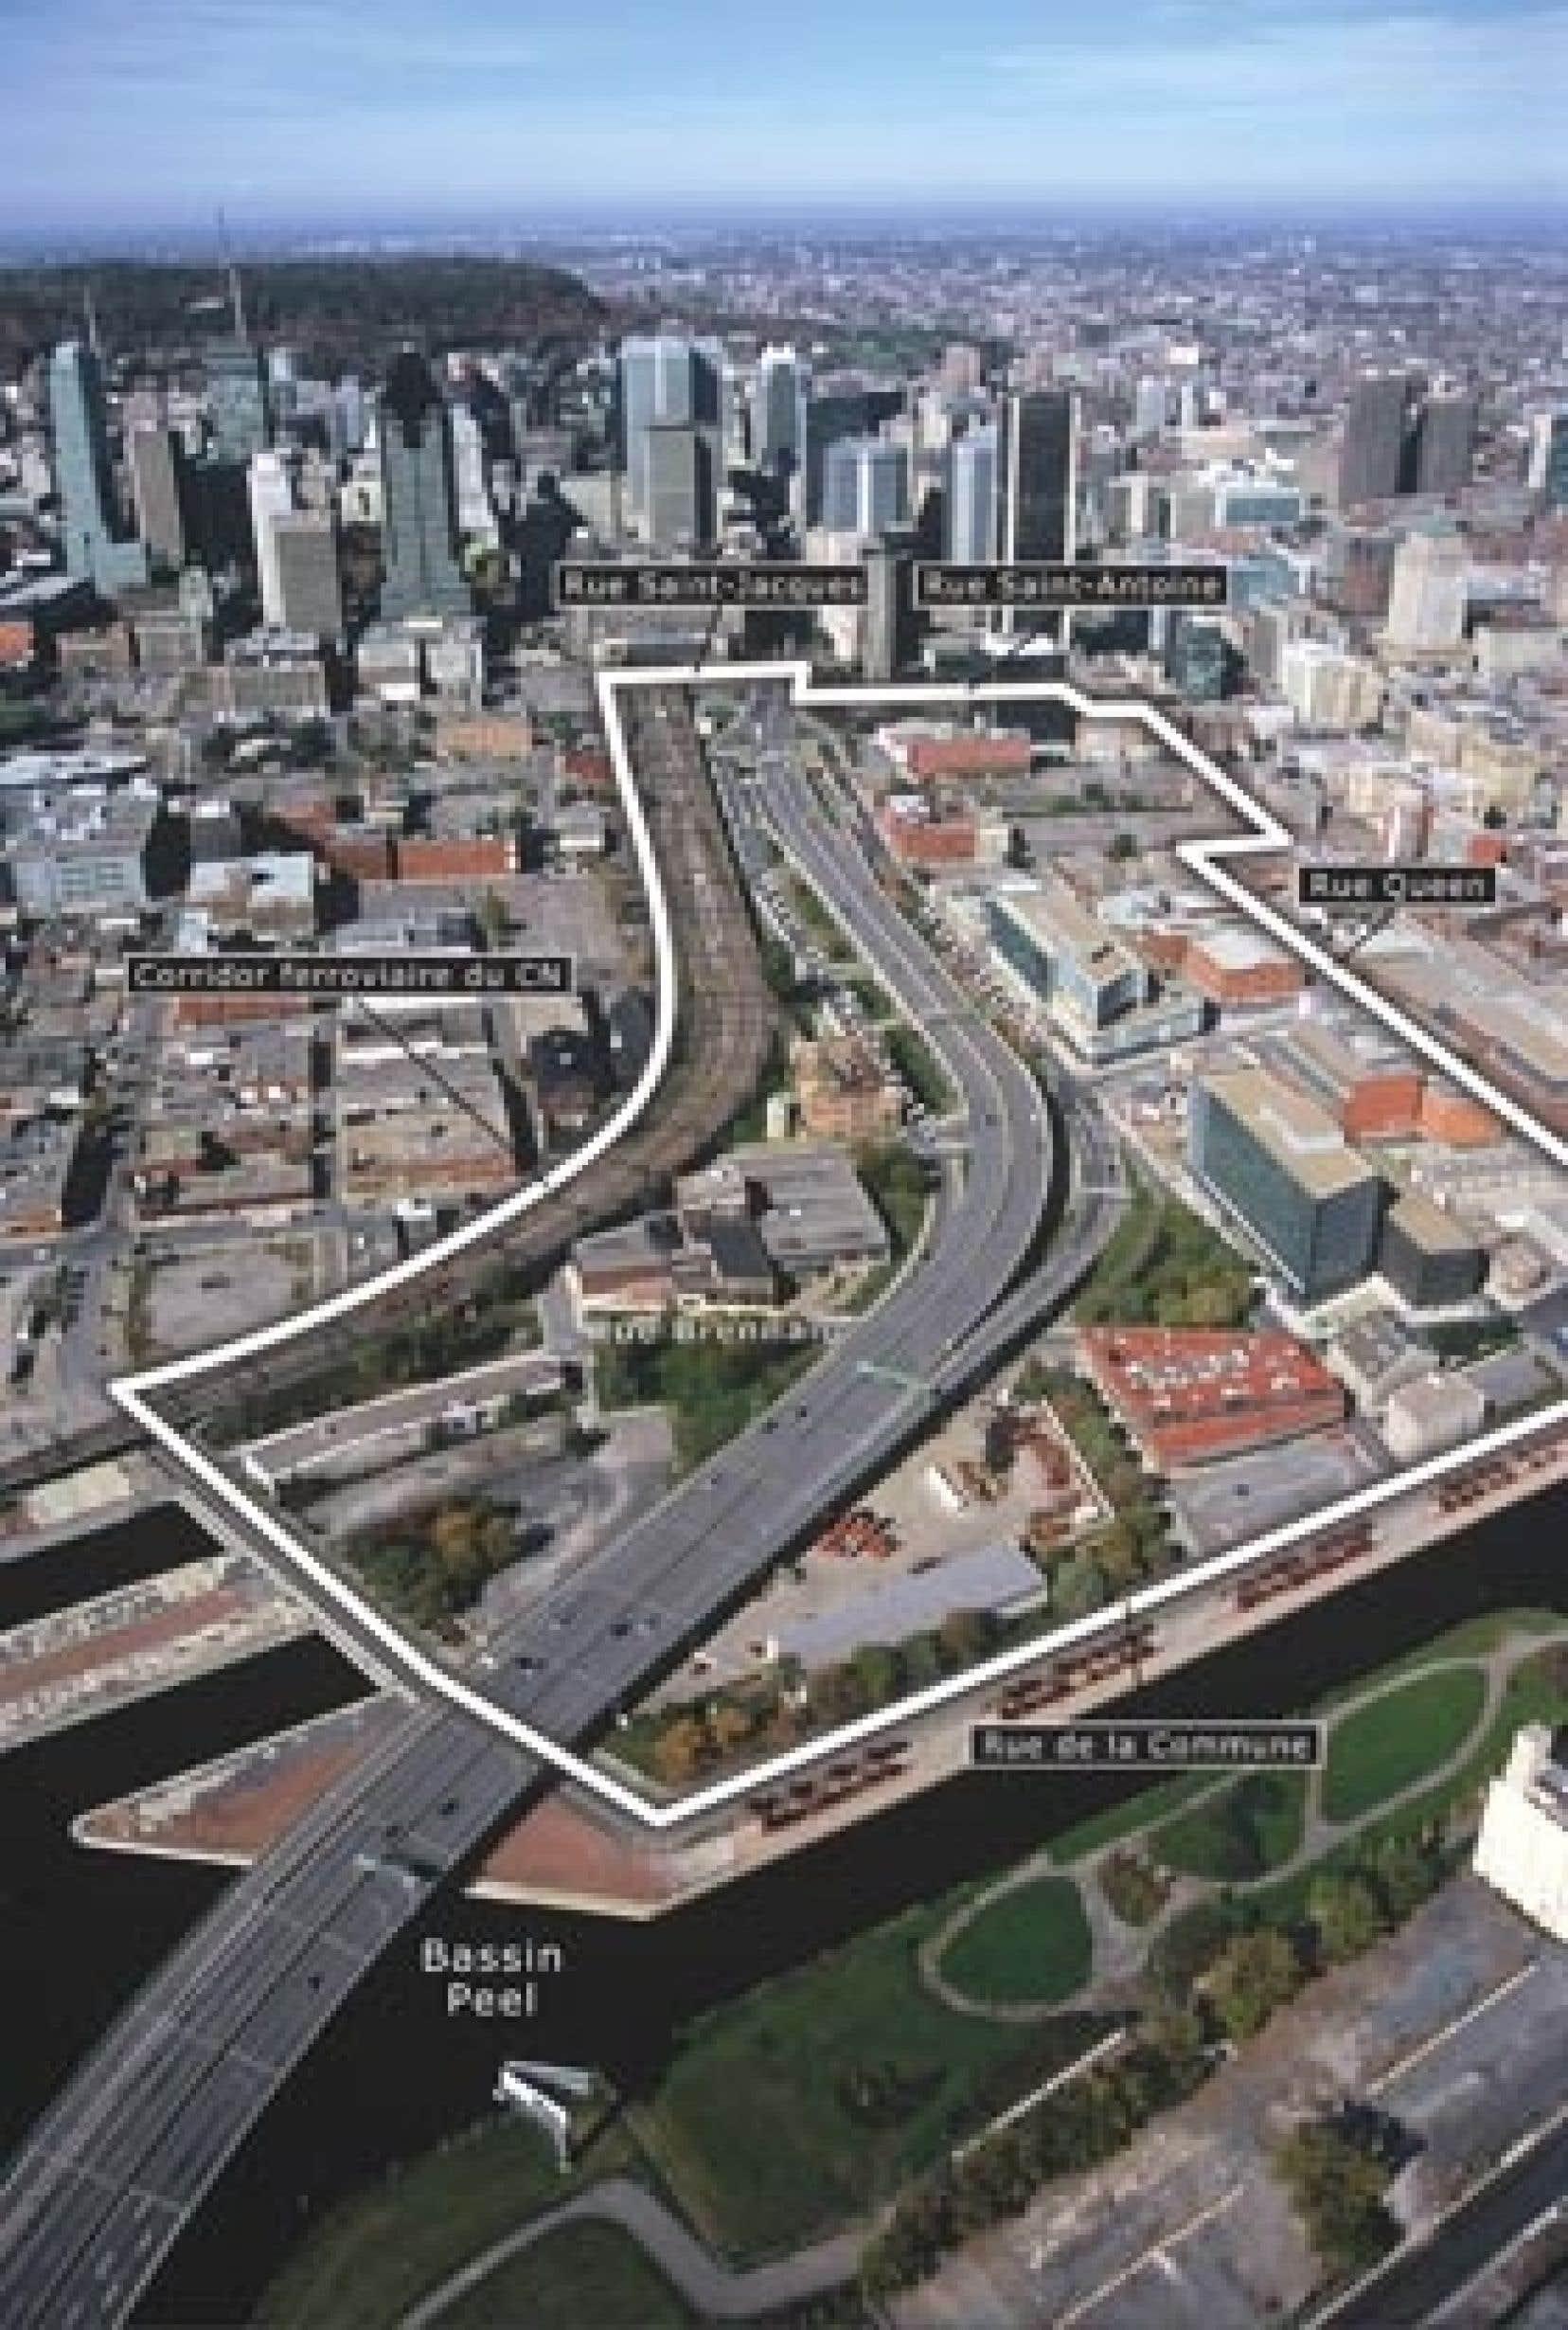 Plan d'aménagement mis de l'avant par la Société du Havre pour la revitalisation du quartier autour de l'autoroute Bonaventure